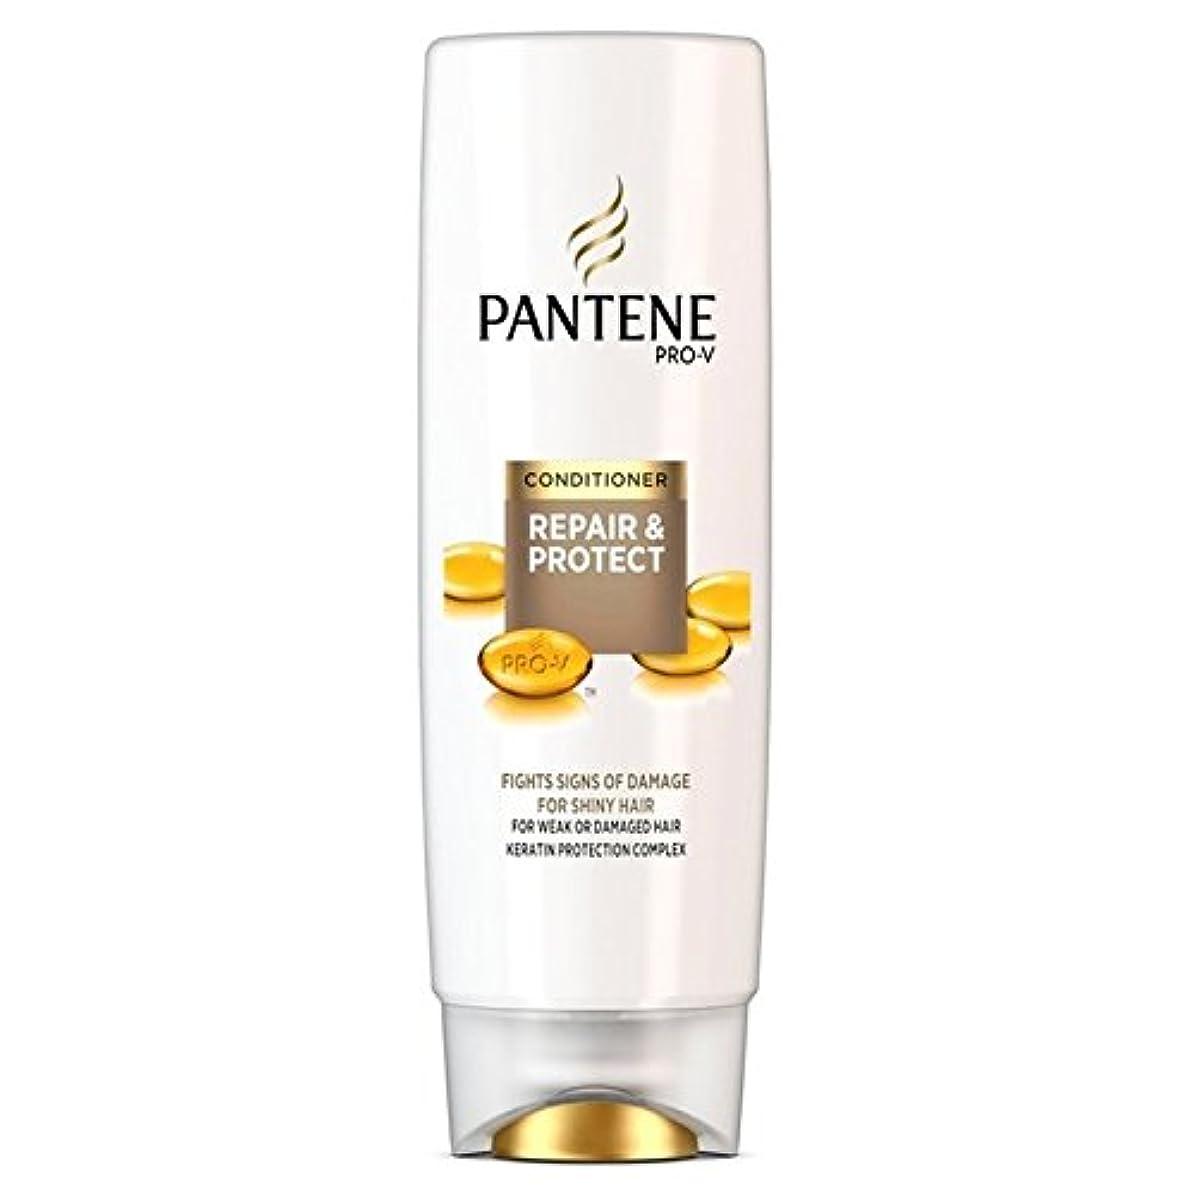 彼女自身ゲーム偉業Pantene Conditioner Repair & Protect For Weak Or Damaged Hair 250ml (Pack of 6) - パンテーンコンディショナーの修理&弱いか、傷んだ髪の250ミリリットルのための保護 x6 [並行輸入品]